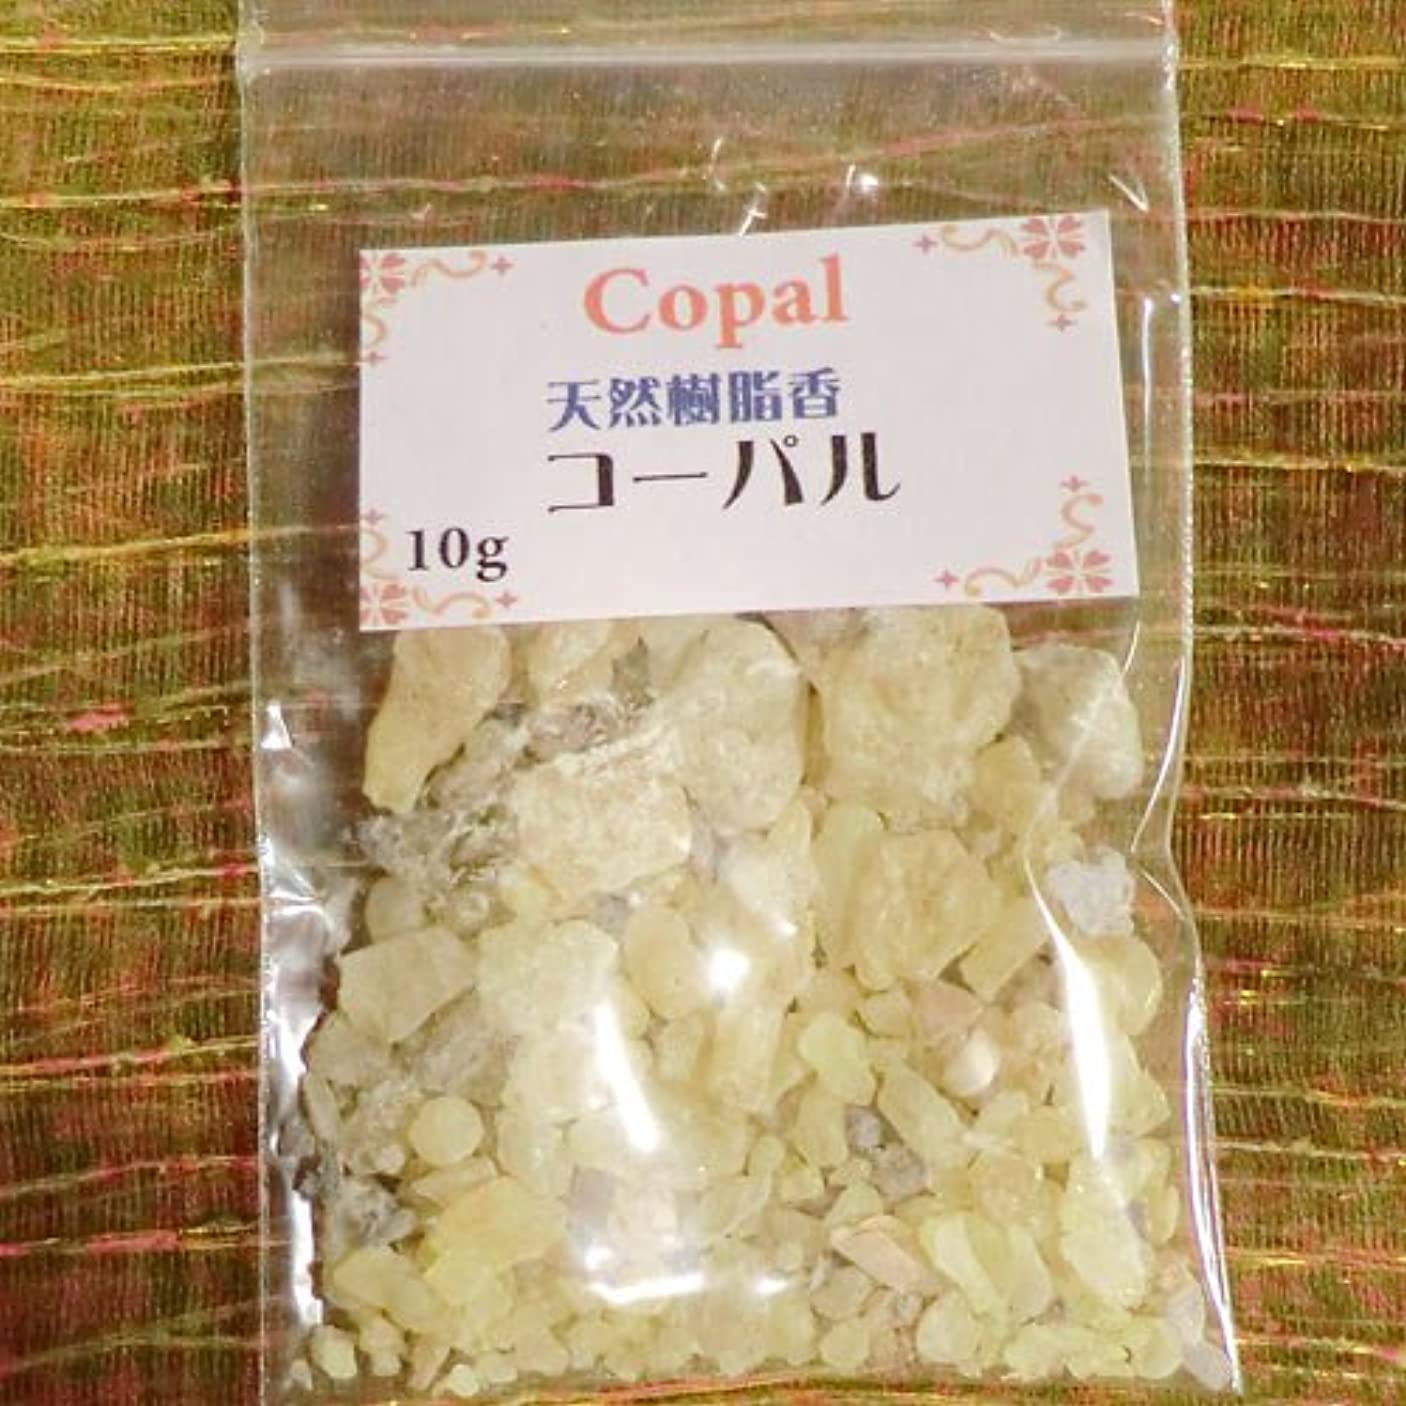 展望台期限遅れコーパル COPAL (天然樹脂香) (コーパル, 10g)